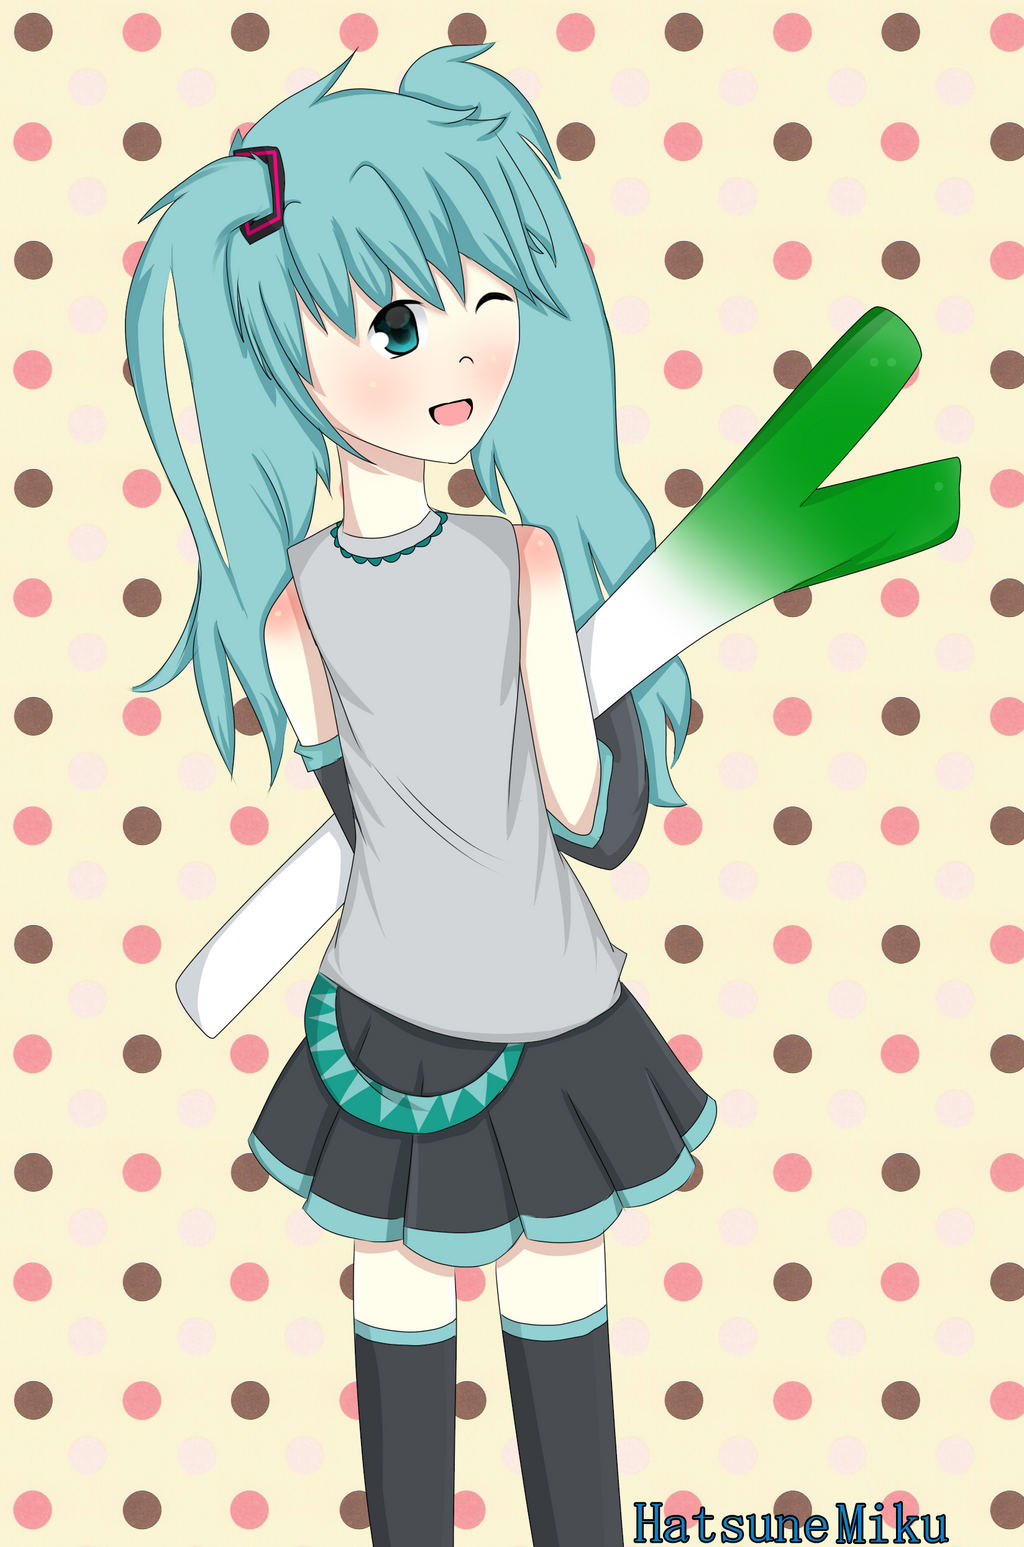 Hatsune Miku by hungry4ramen